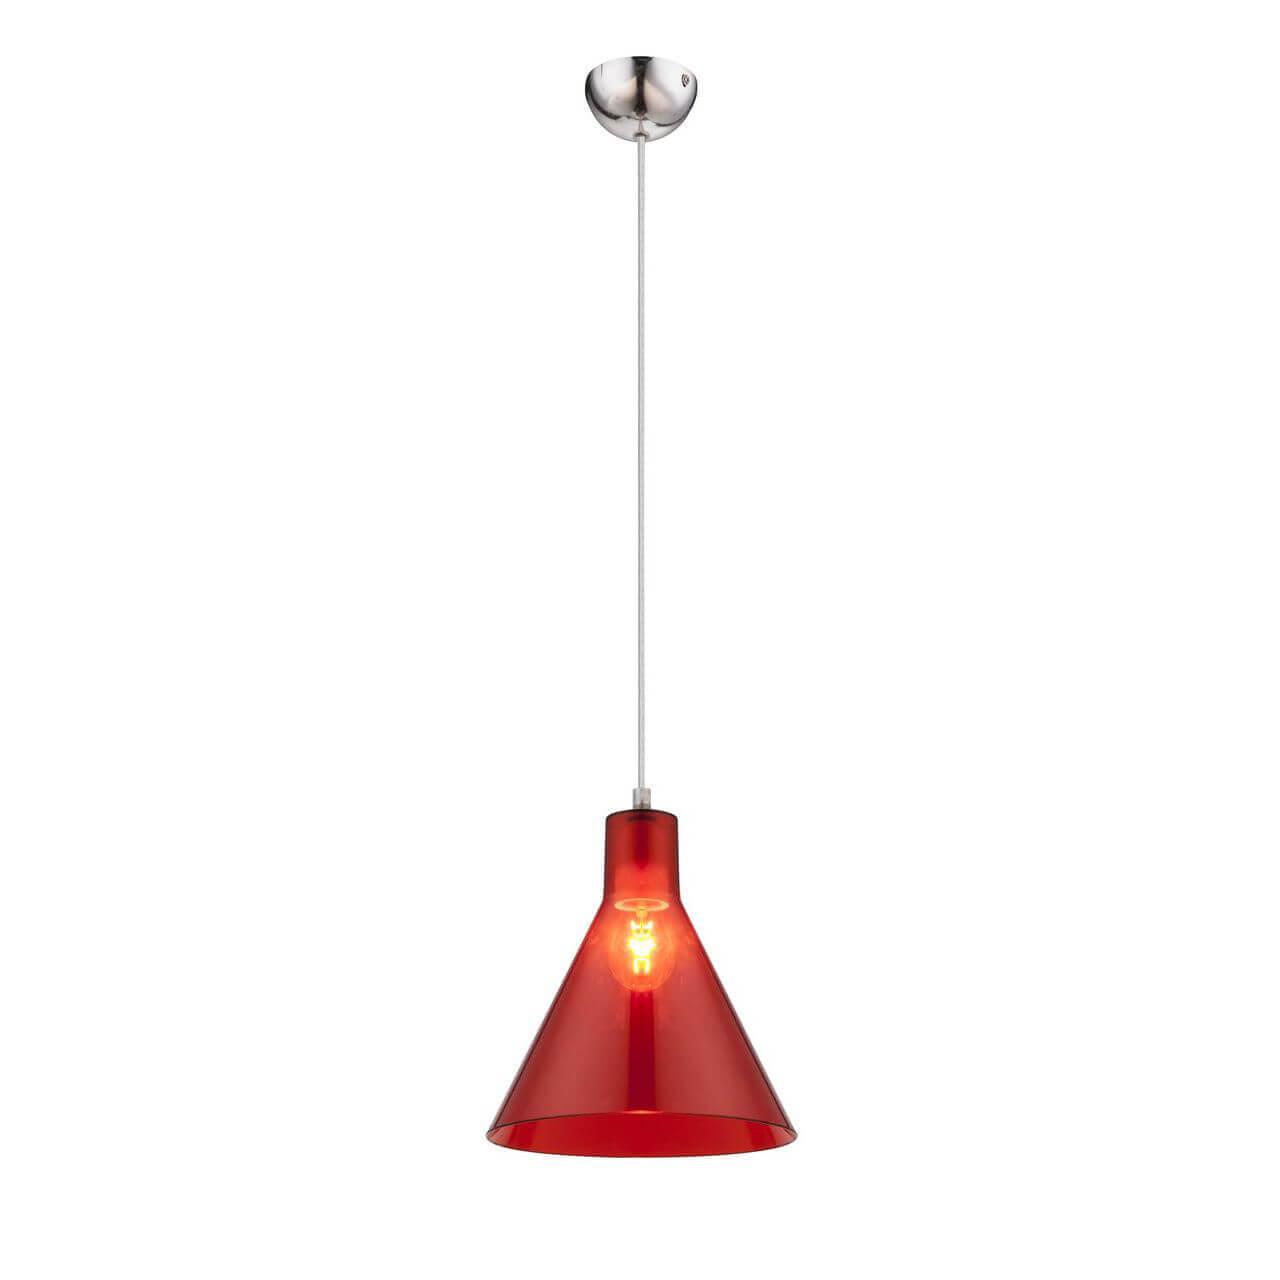 Подвесной светильник Globo Conny I 15234R